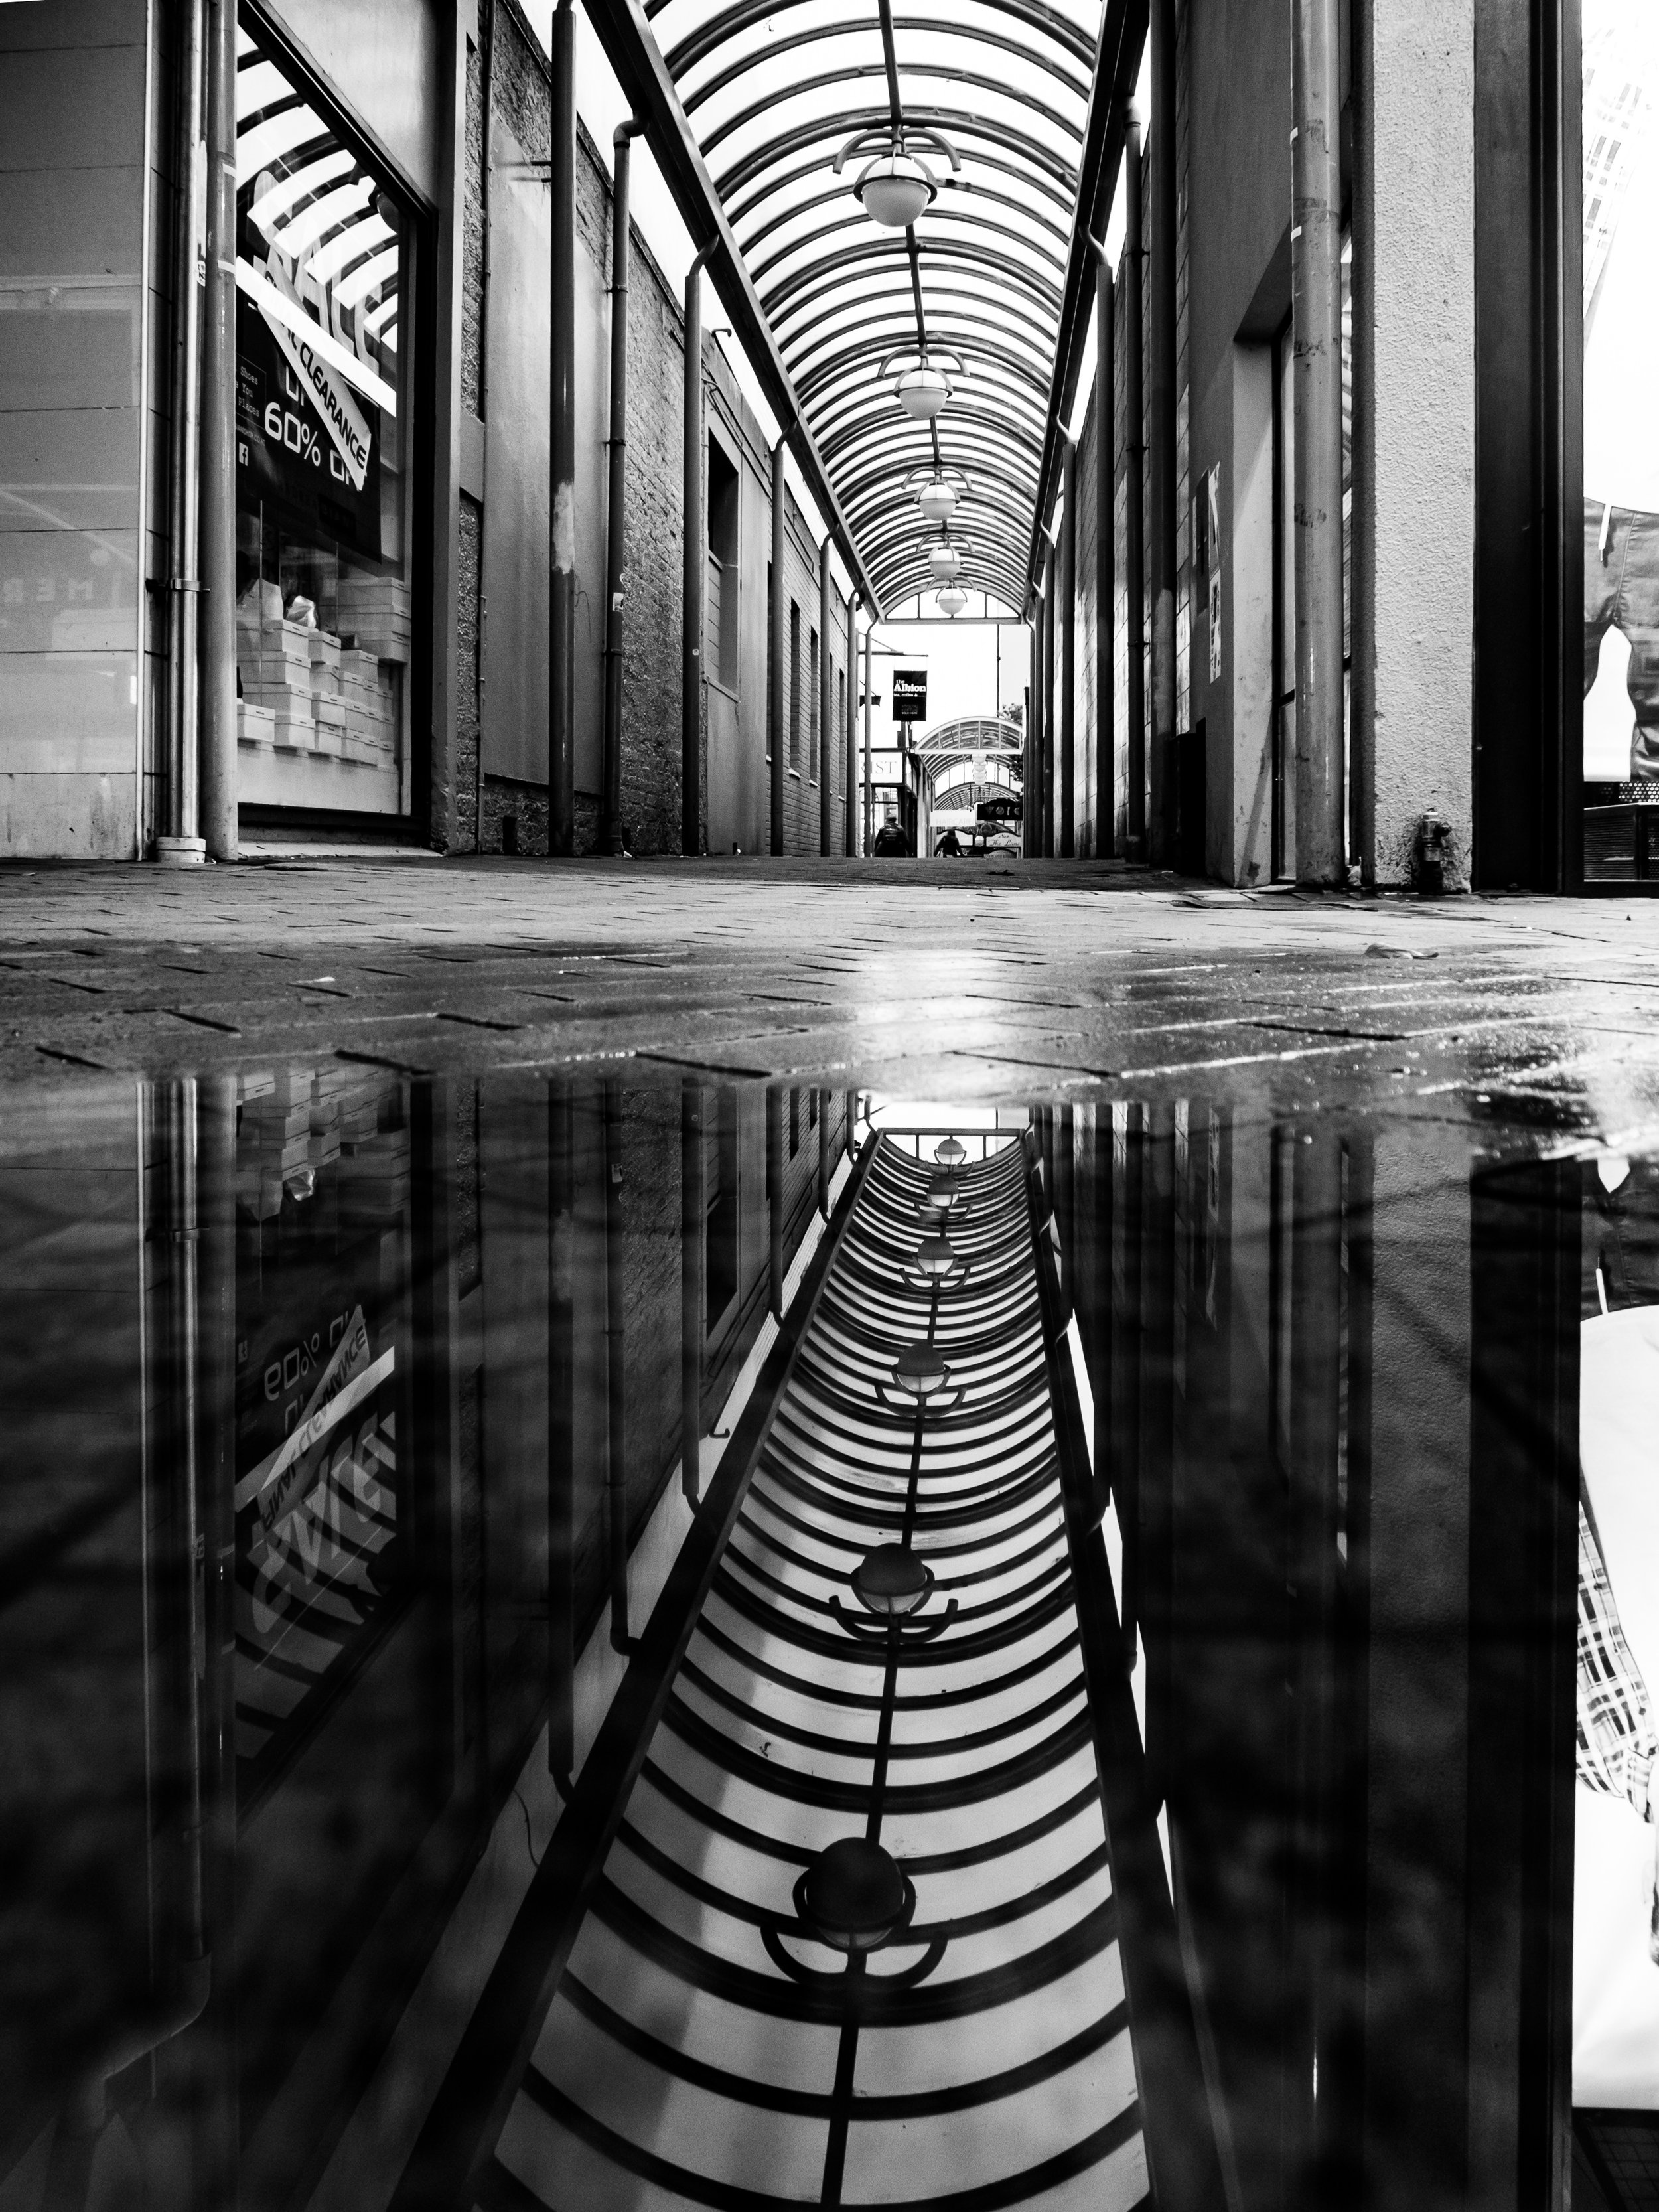 black and White reflected street scene Dunedin